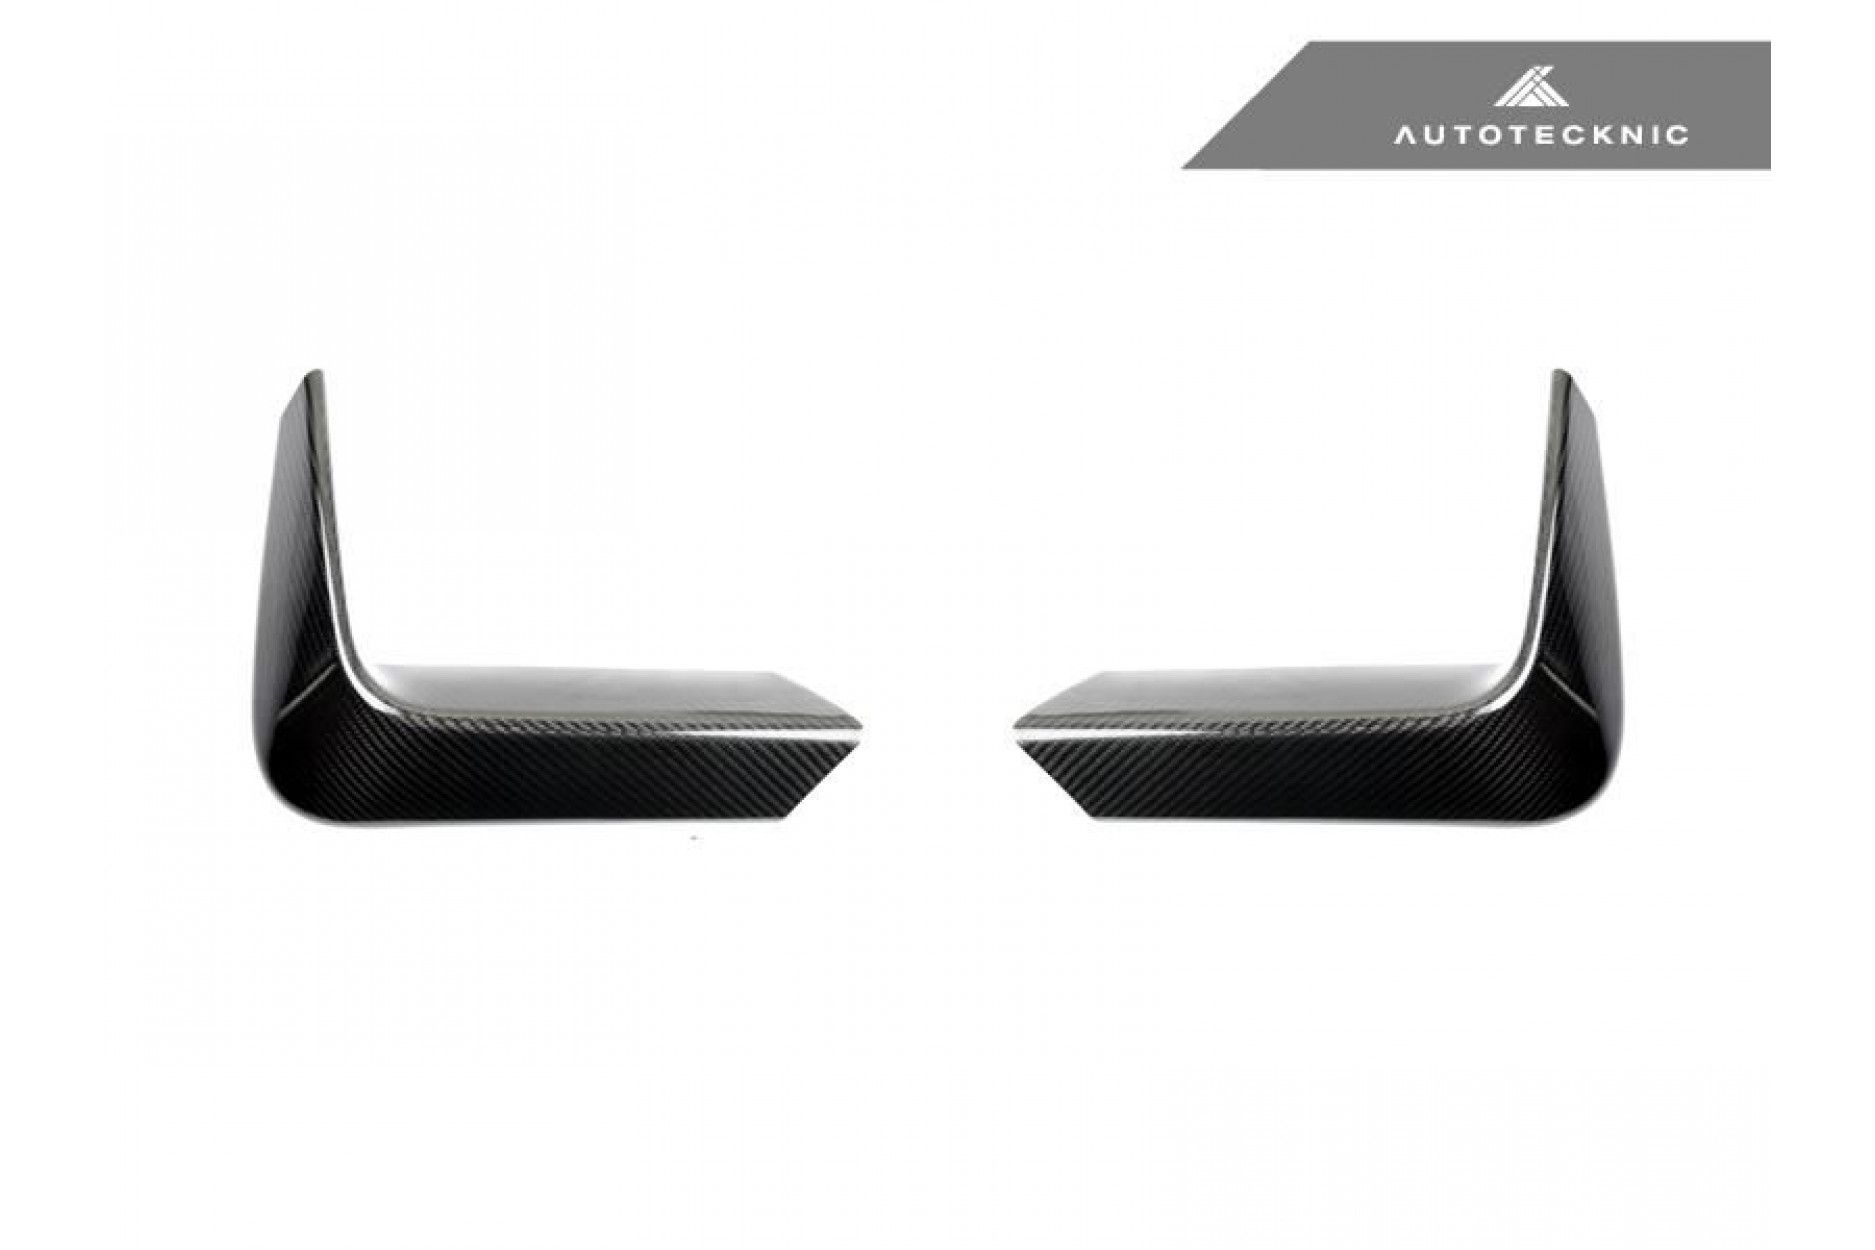 AutoTecknic Carbon Heckstoßstange Verkleidung für F80 M3 | F82/F83 M4